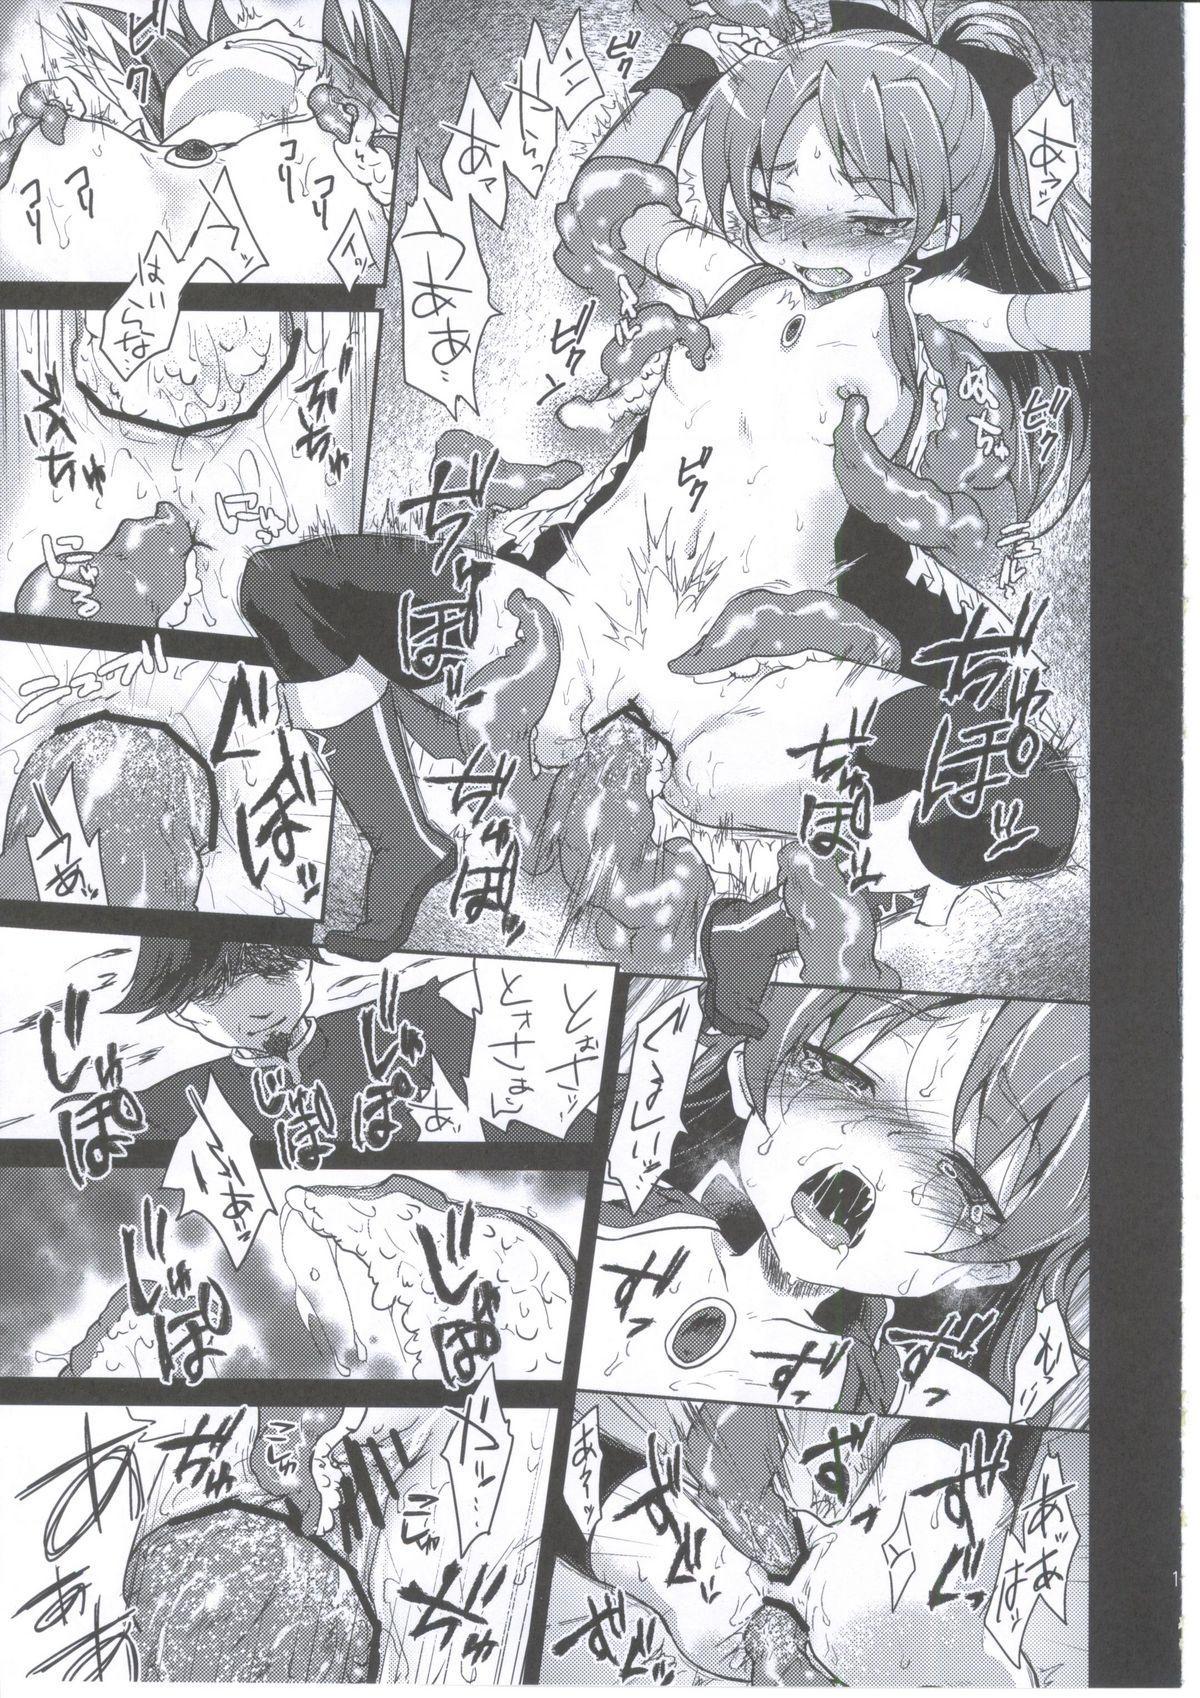 Mahou Shoujo Zetsubou Kansatsu Kiroku 9